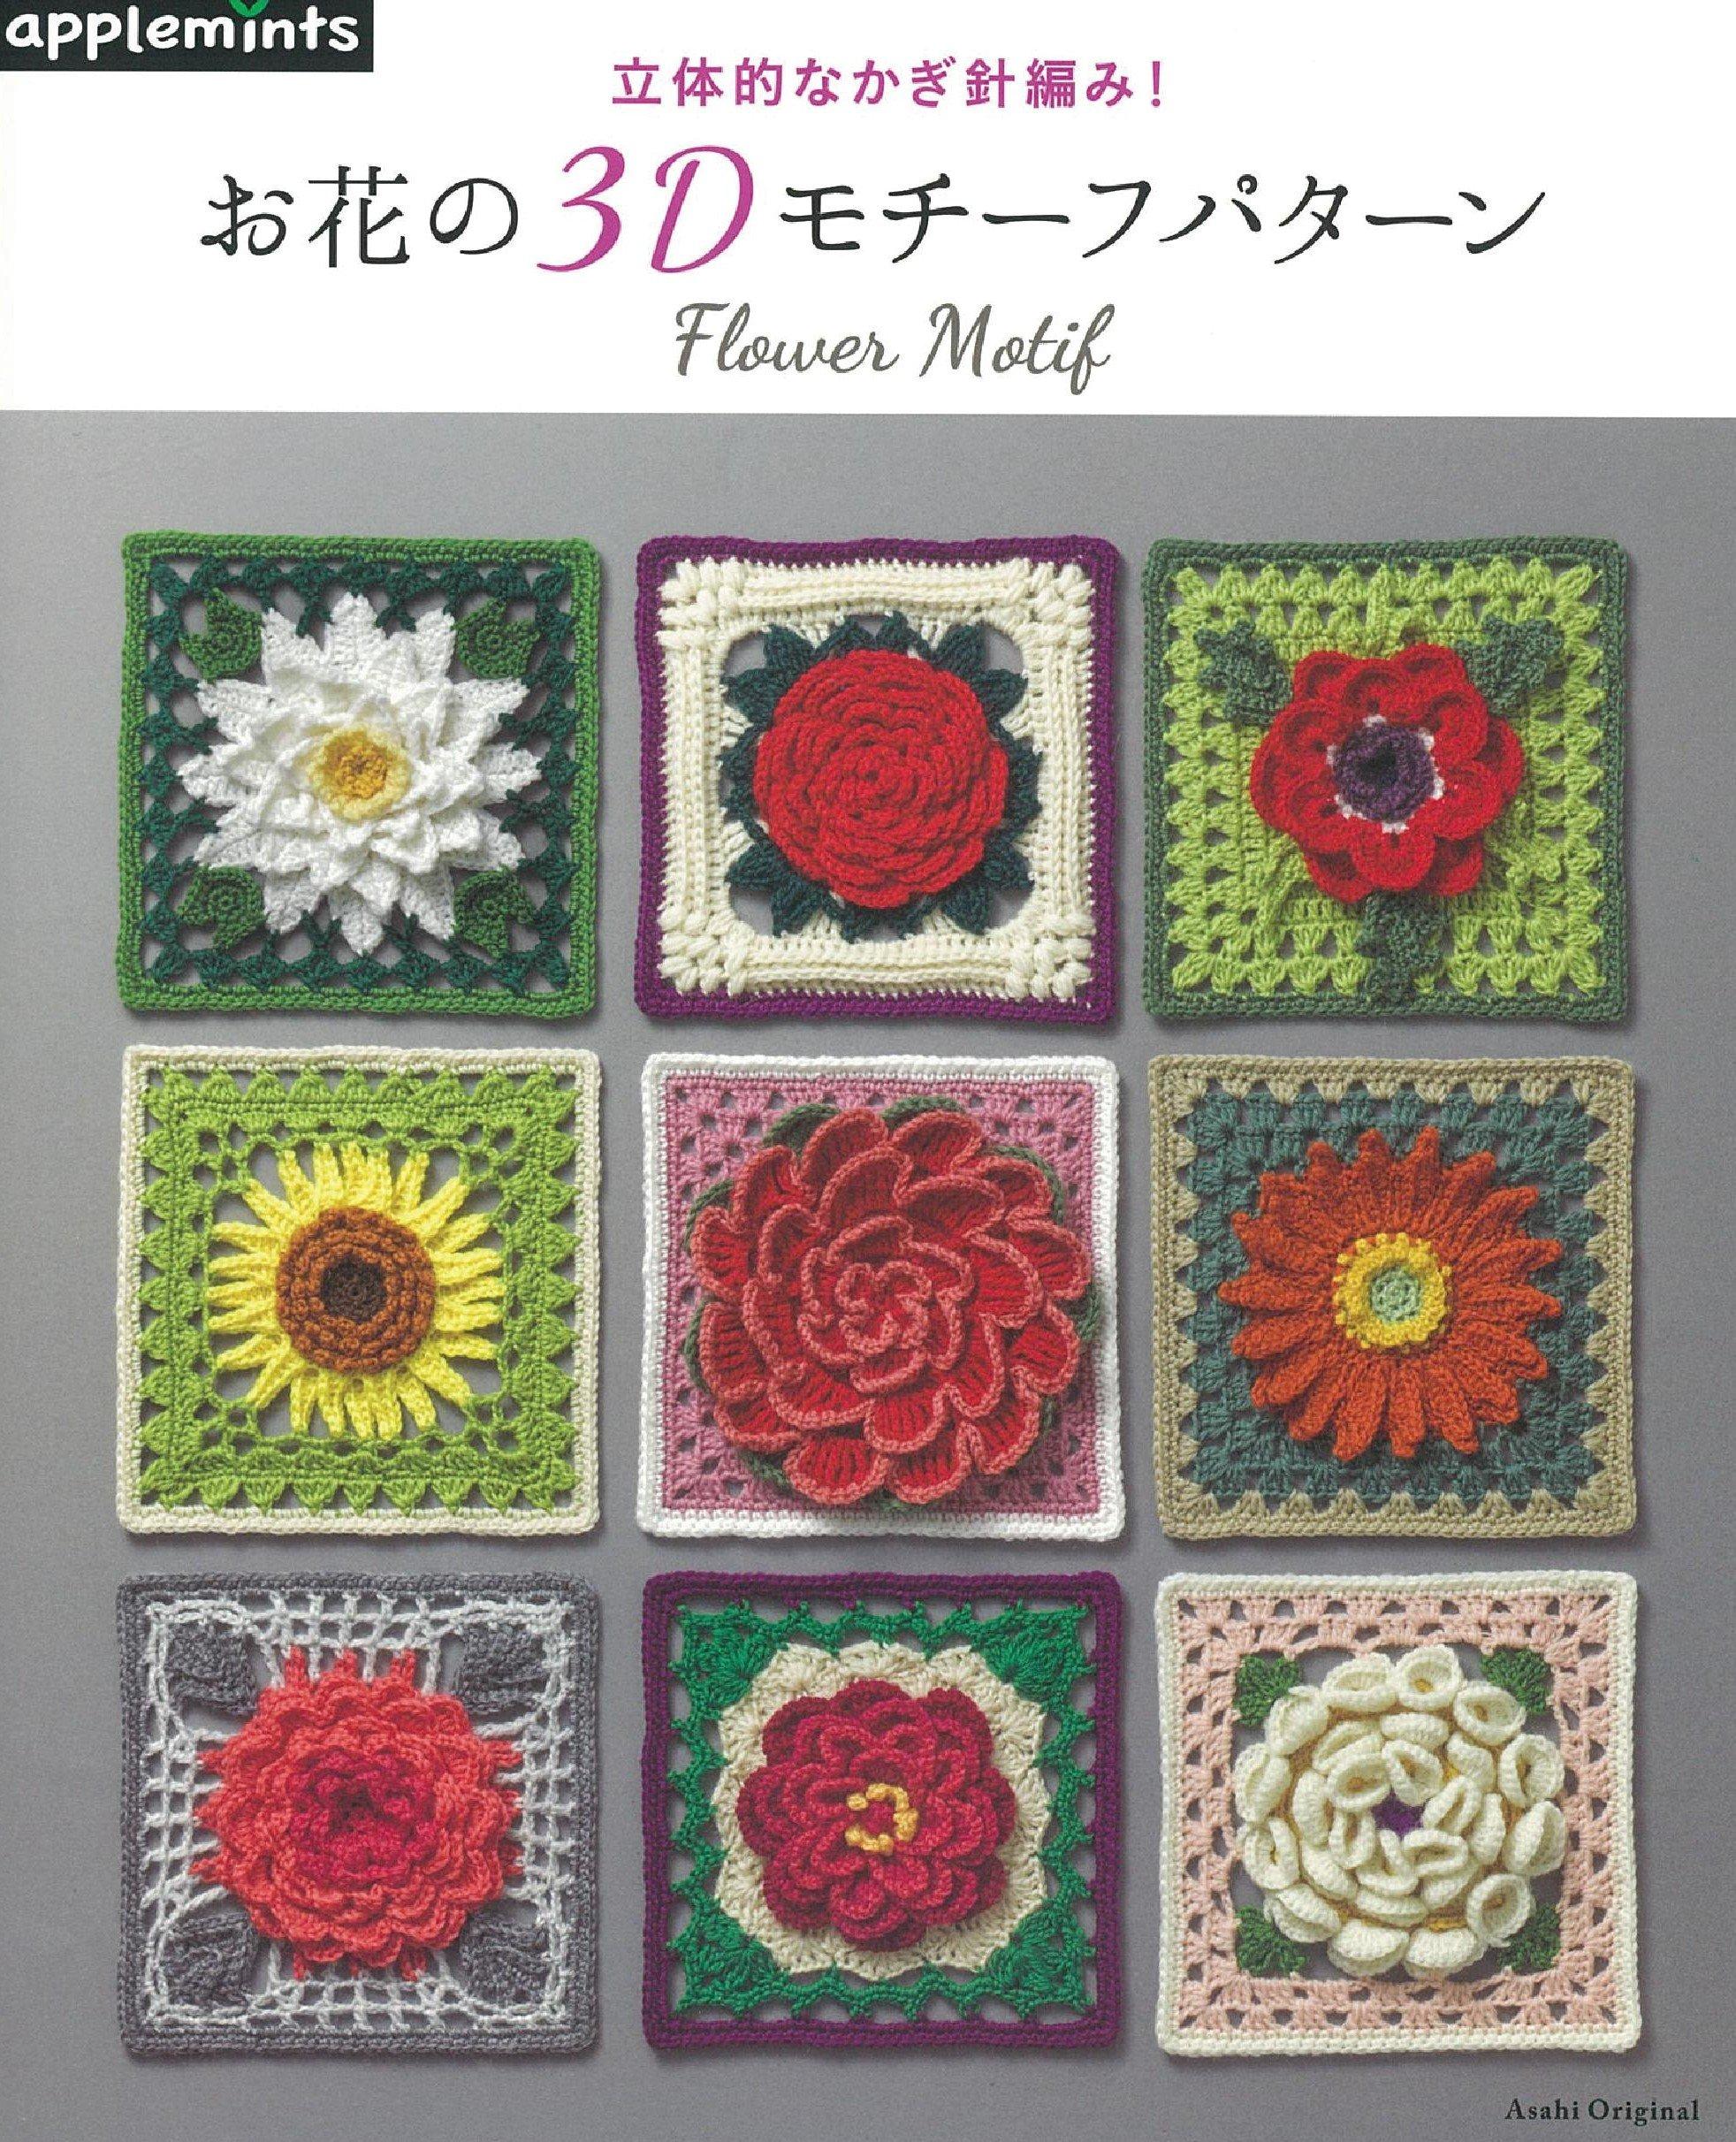 Crochet flower of 3D motif pattern (Asahi original)